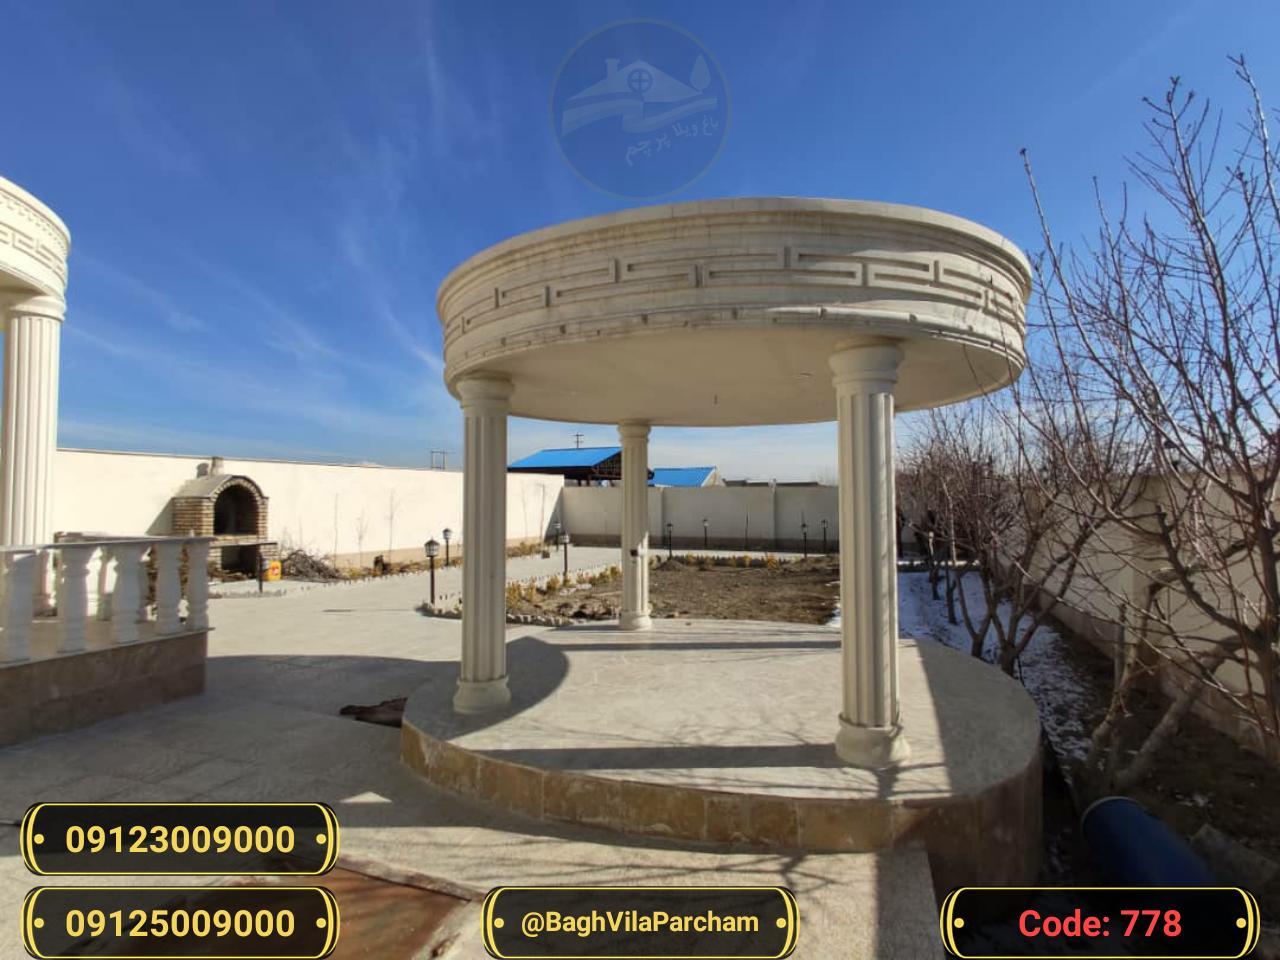 تصویر عکس باغ ویلا شماره 8 از ویلای ۵۰۰ متر ویلا کلاسیک Picture photo image 8 of ۵۰۰ متر ویلا کلاسیک